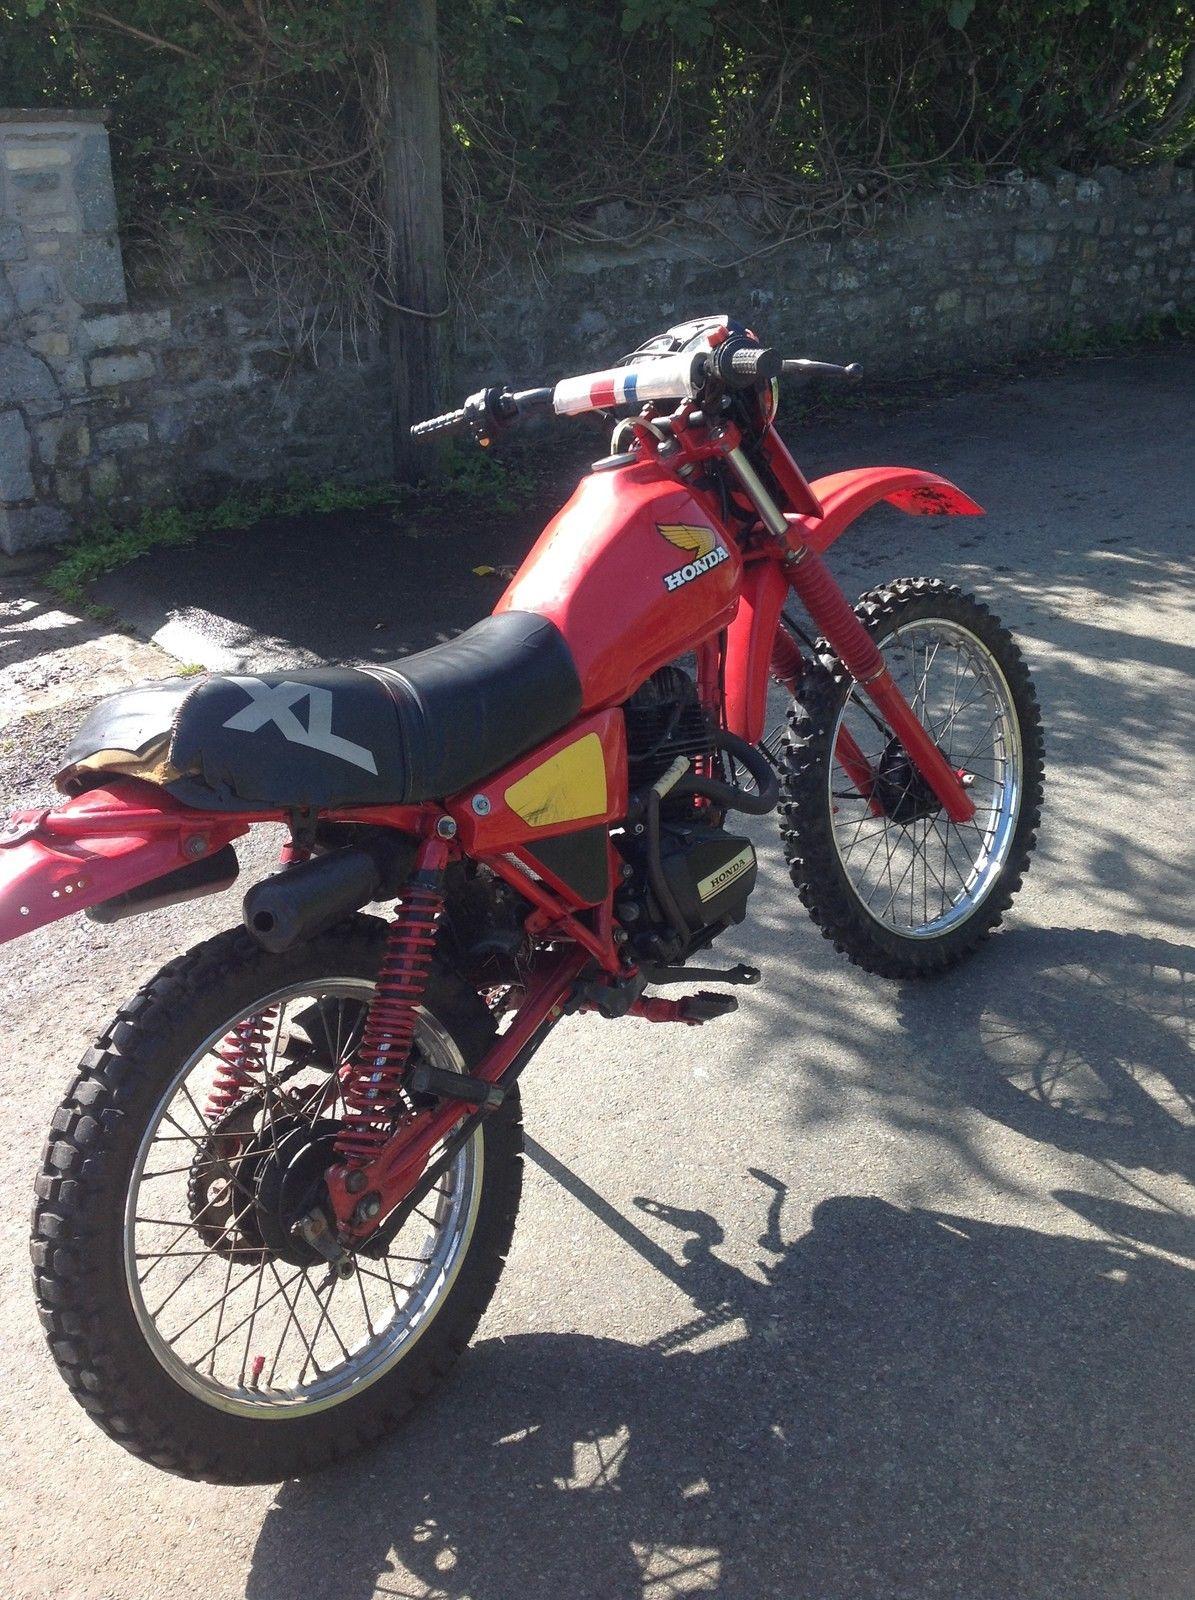 honda xl 125 trials scrambler field motorbike. Black Bedroom Furniture Sets. Home Design Ideas